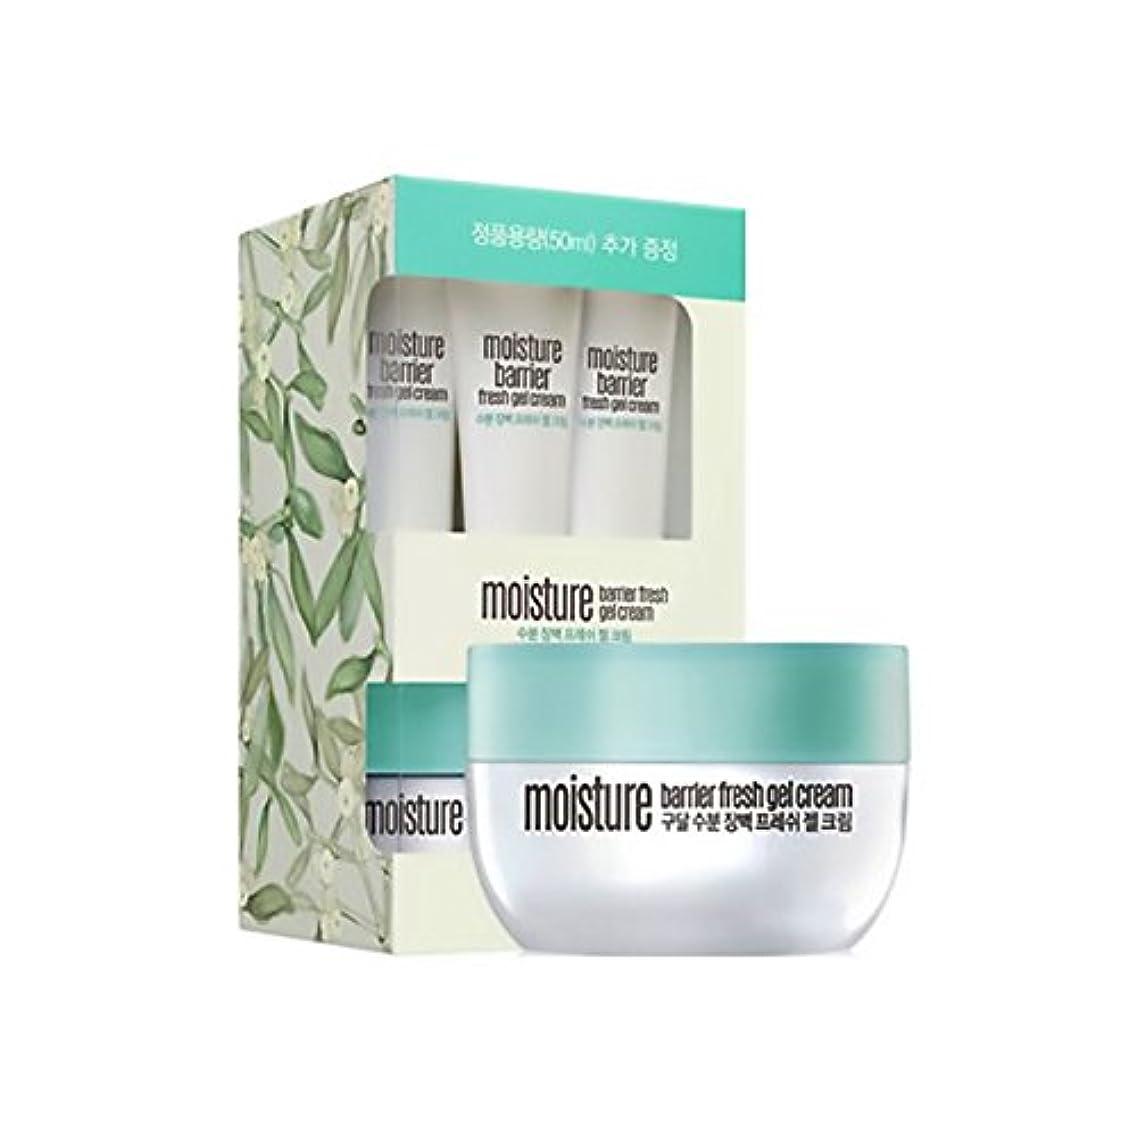 ギャザー原稿メッシュgoodal moisture barrier fresh gel cream set